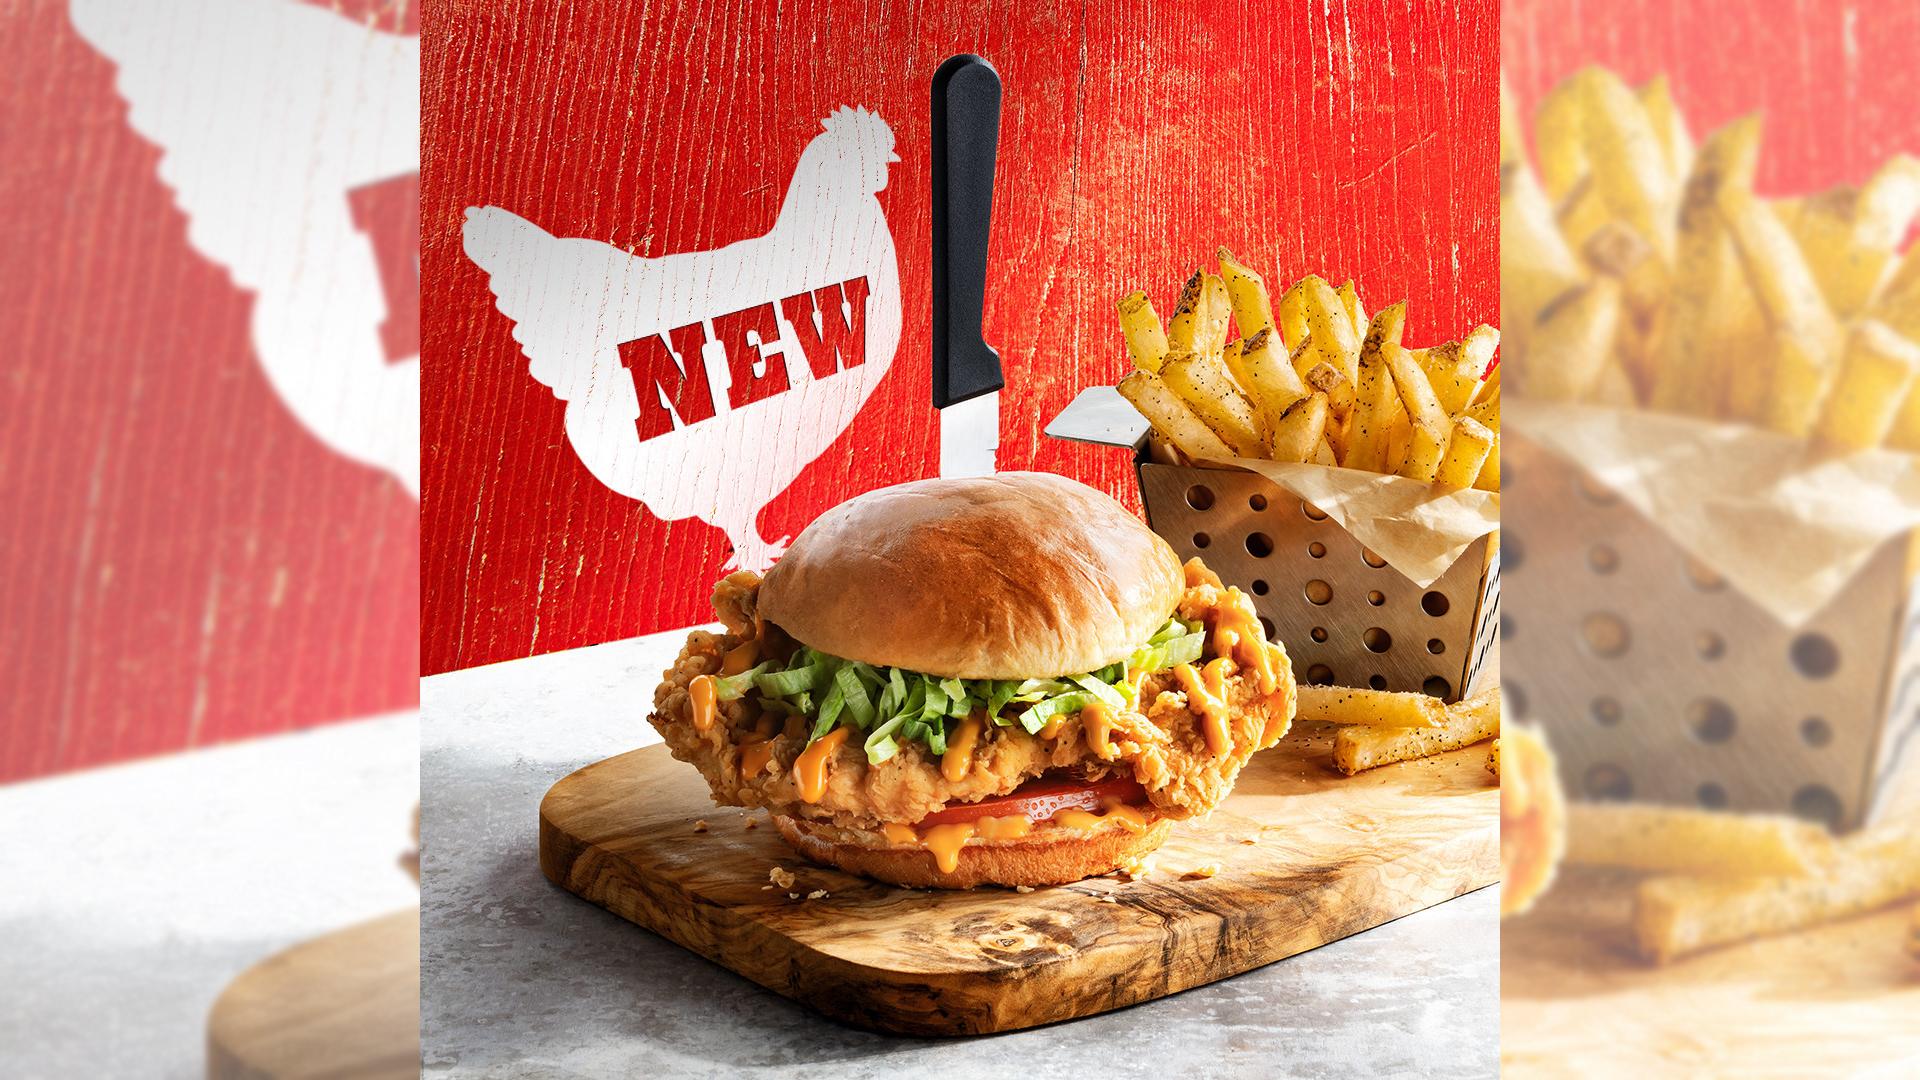 Chili's Chicken Sandwich